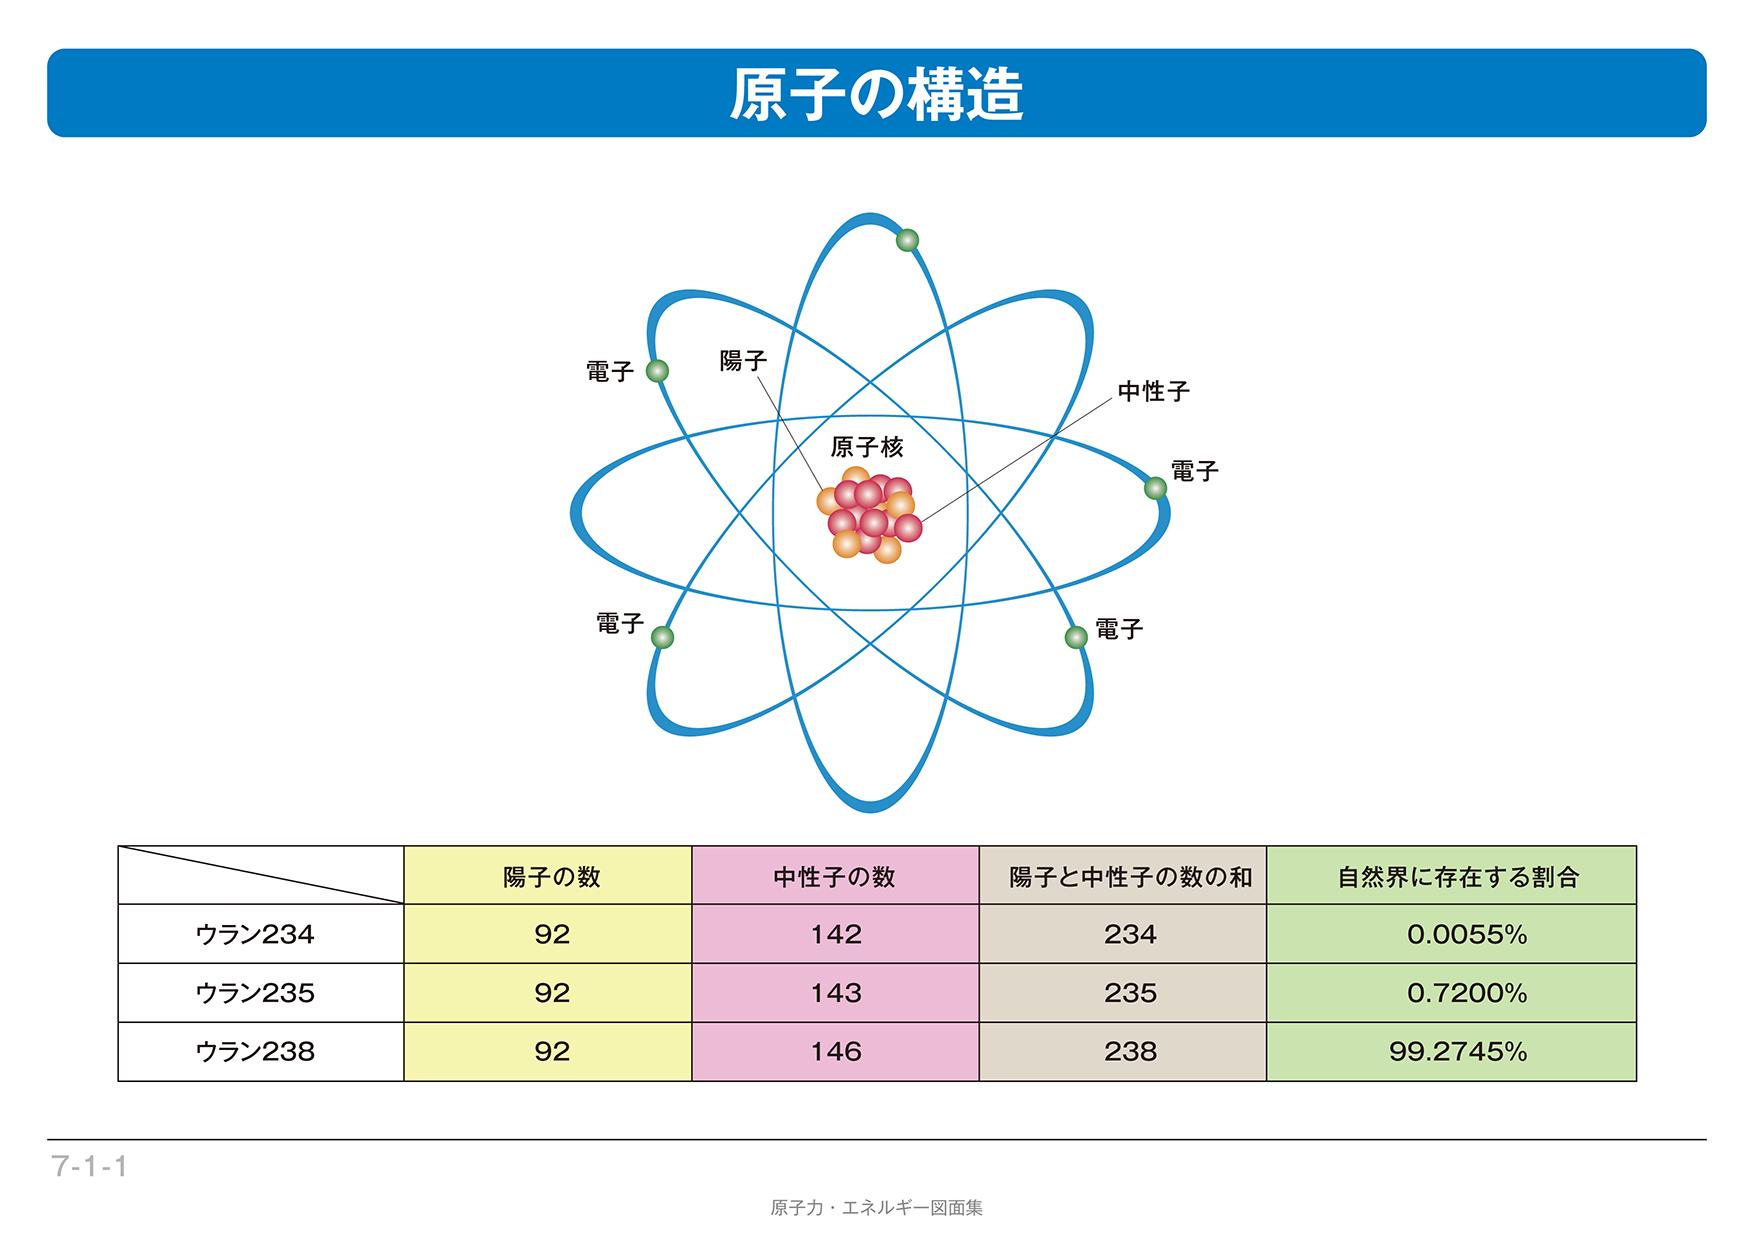 原子の構造と核分裂 電気事業連合会